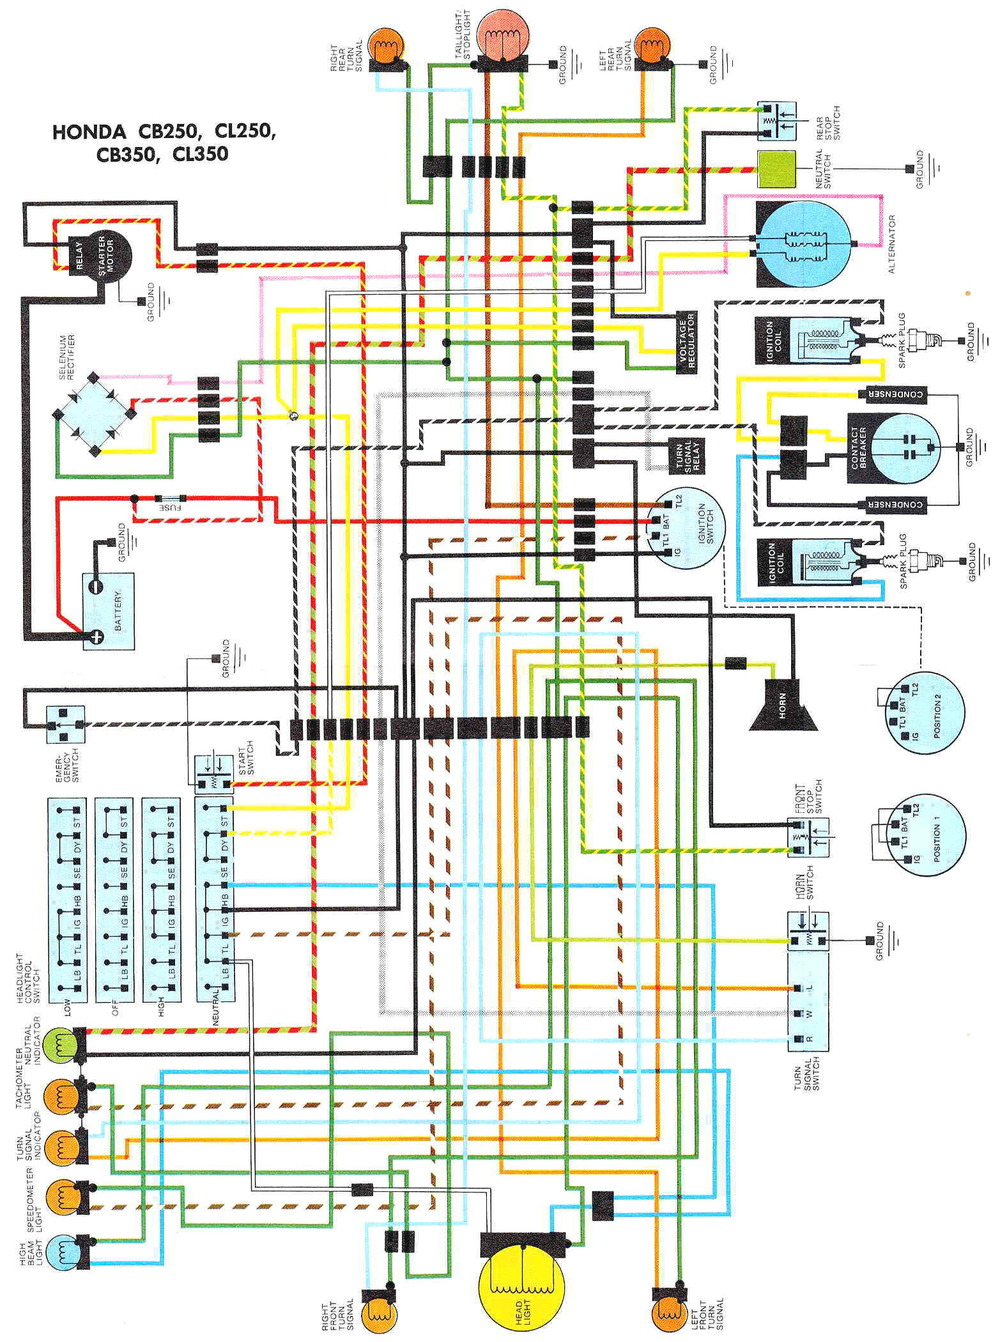 Honda CB350 wiring diagrams — VILLAGE CULT